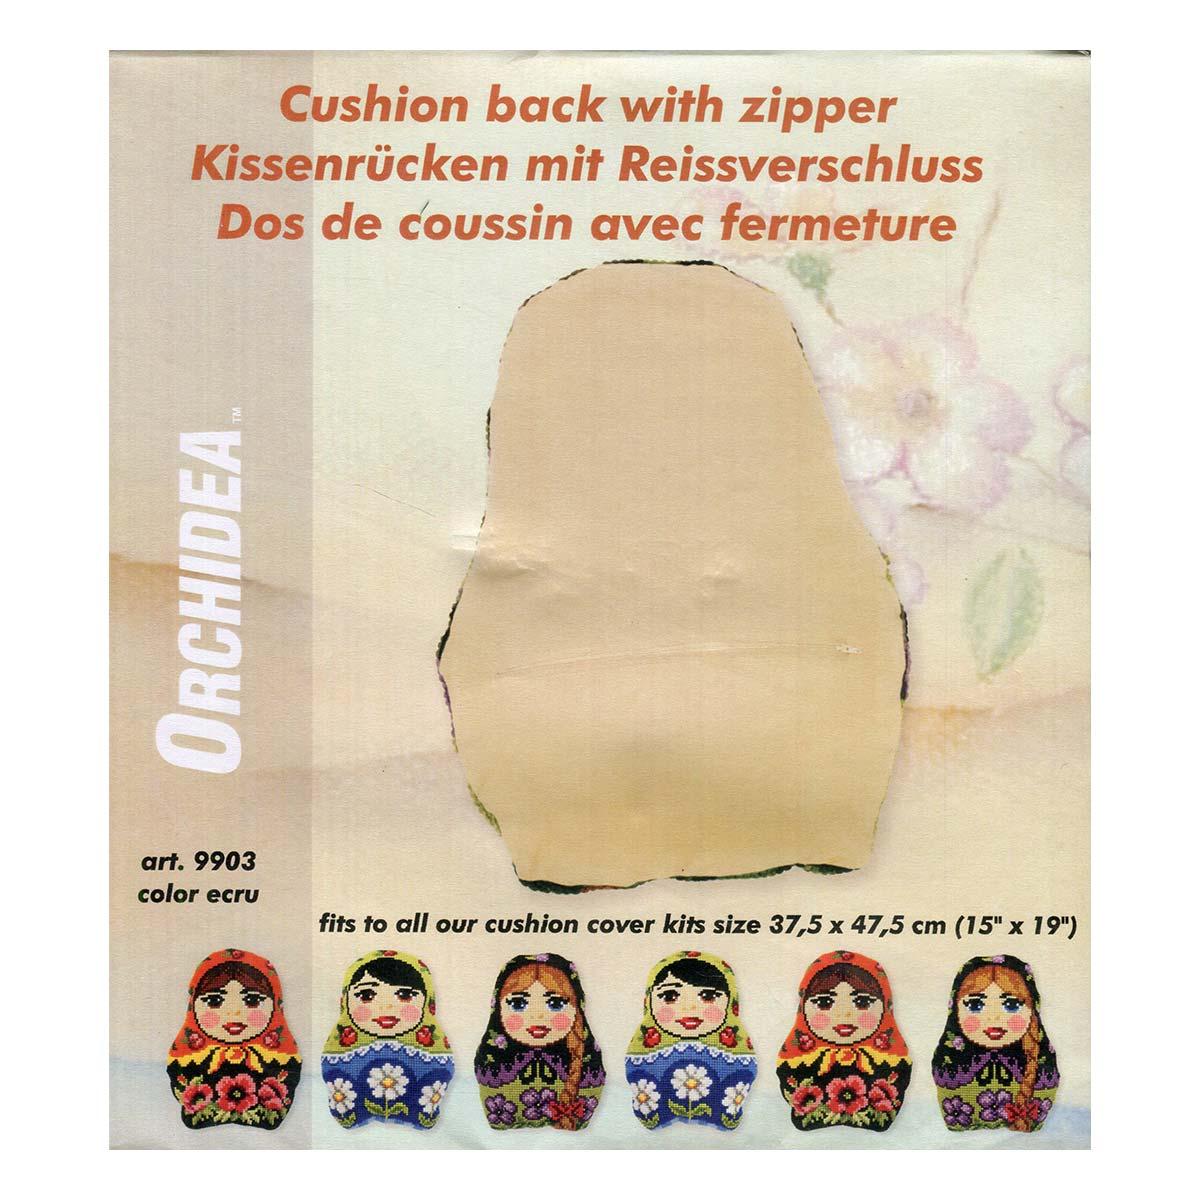 9903 ORCHIDEA Обратная сторона фигурной подушки, 37,5*47,5 см, цвет бежевый